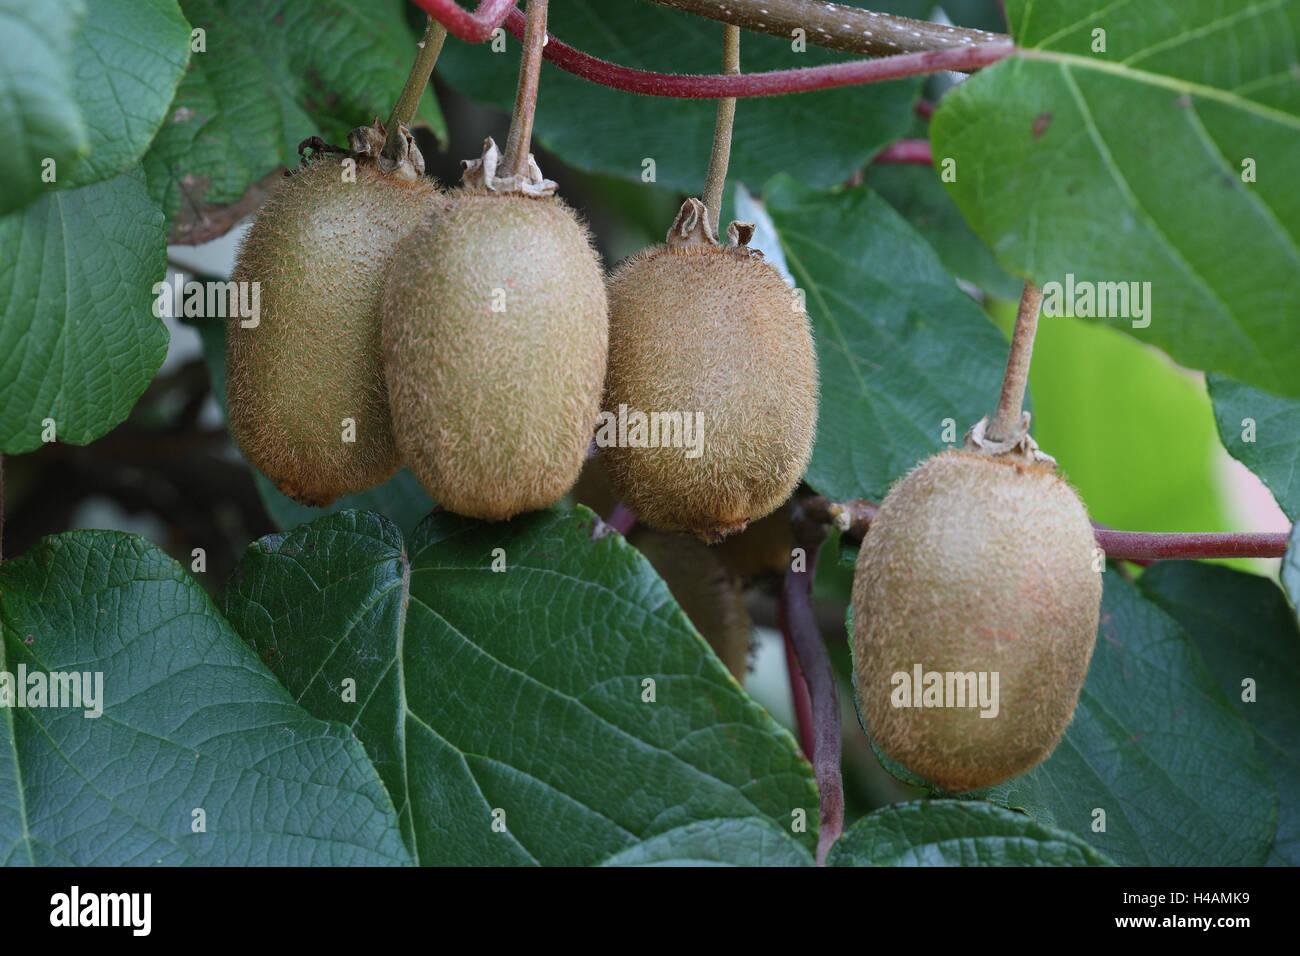 Kiwi plant, fruits, - Stock Image